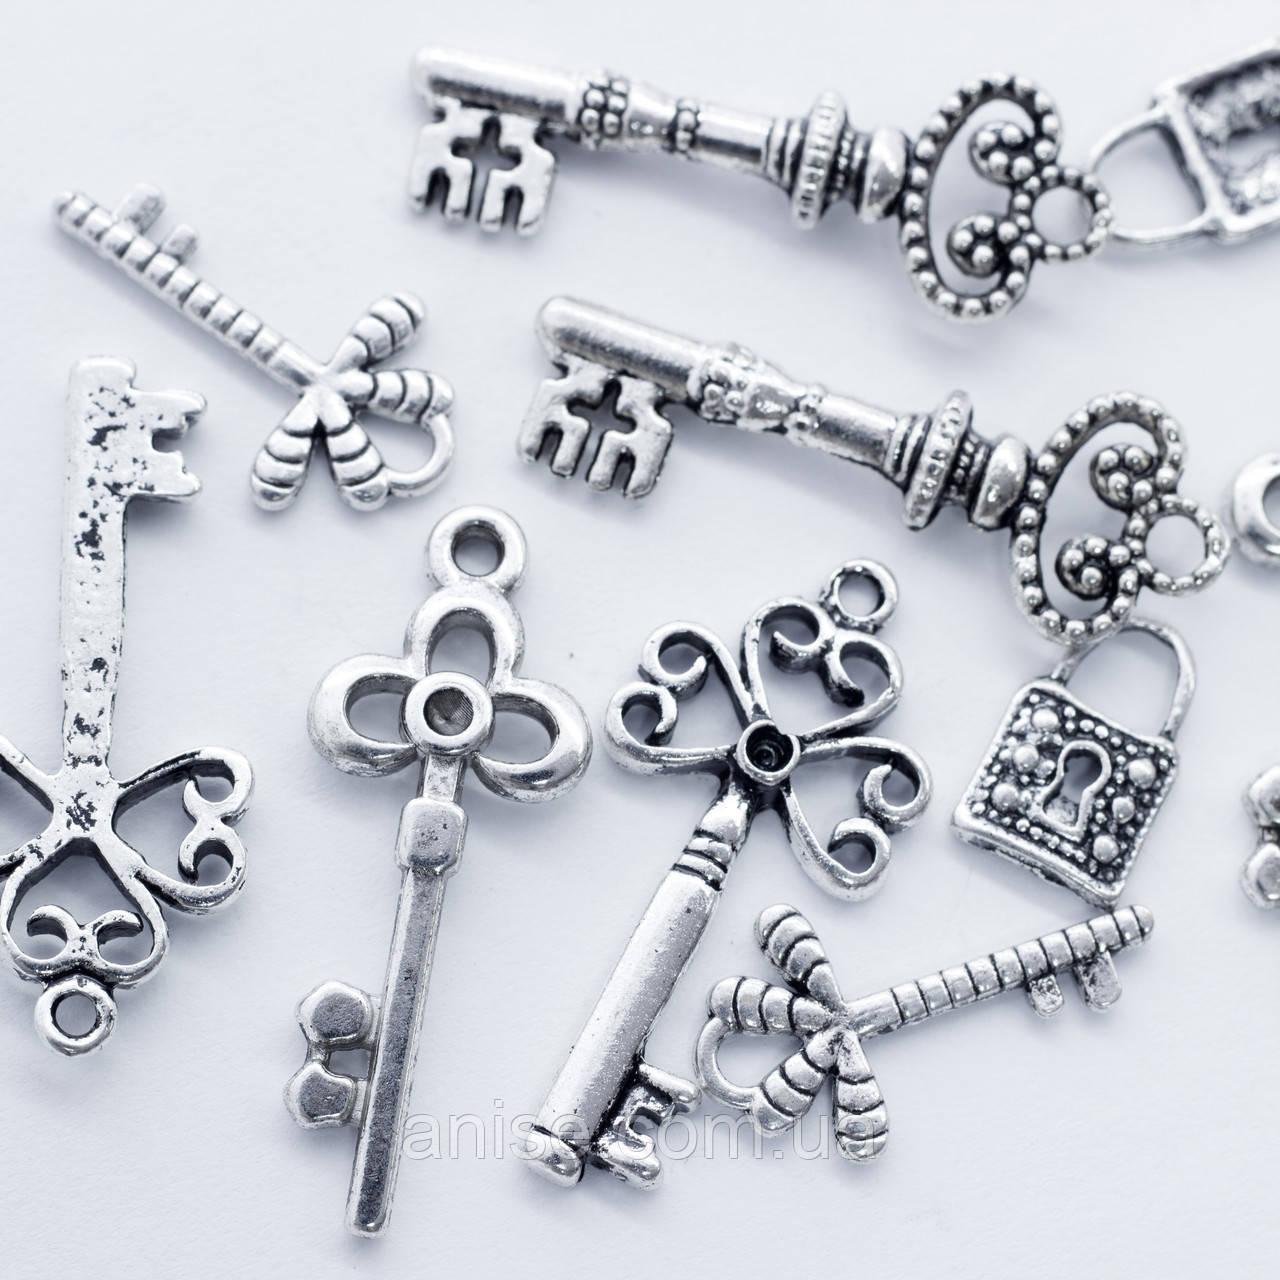 Кулоны Ключи Микс, Металл, Цвет: Античное Серебро, Размер: Микс, (УТ0012713)